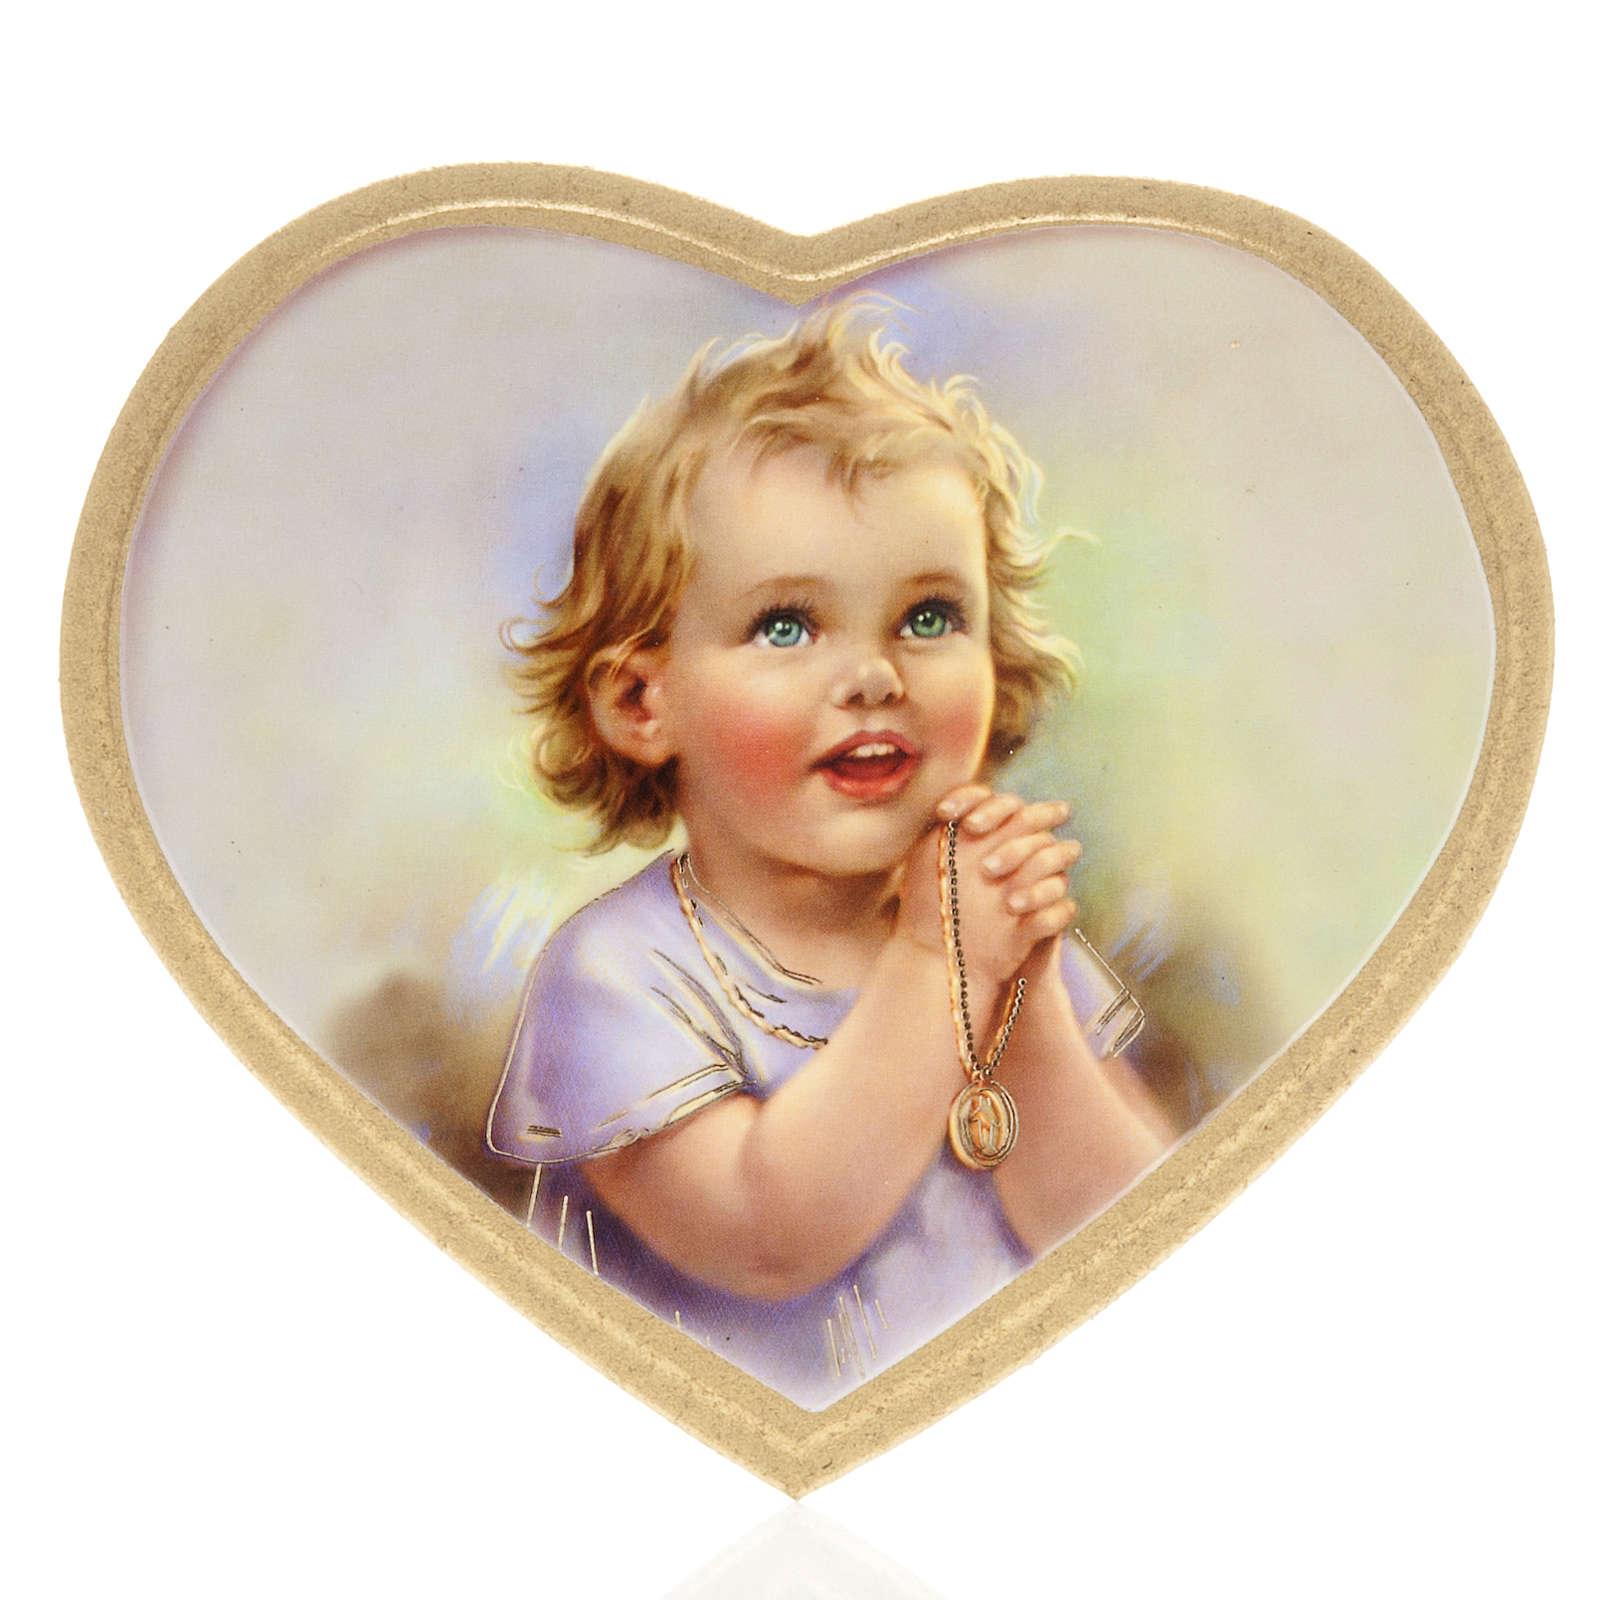 Stampa legno cuore bimbo sfondo colorato 3